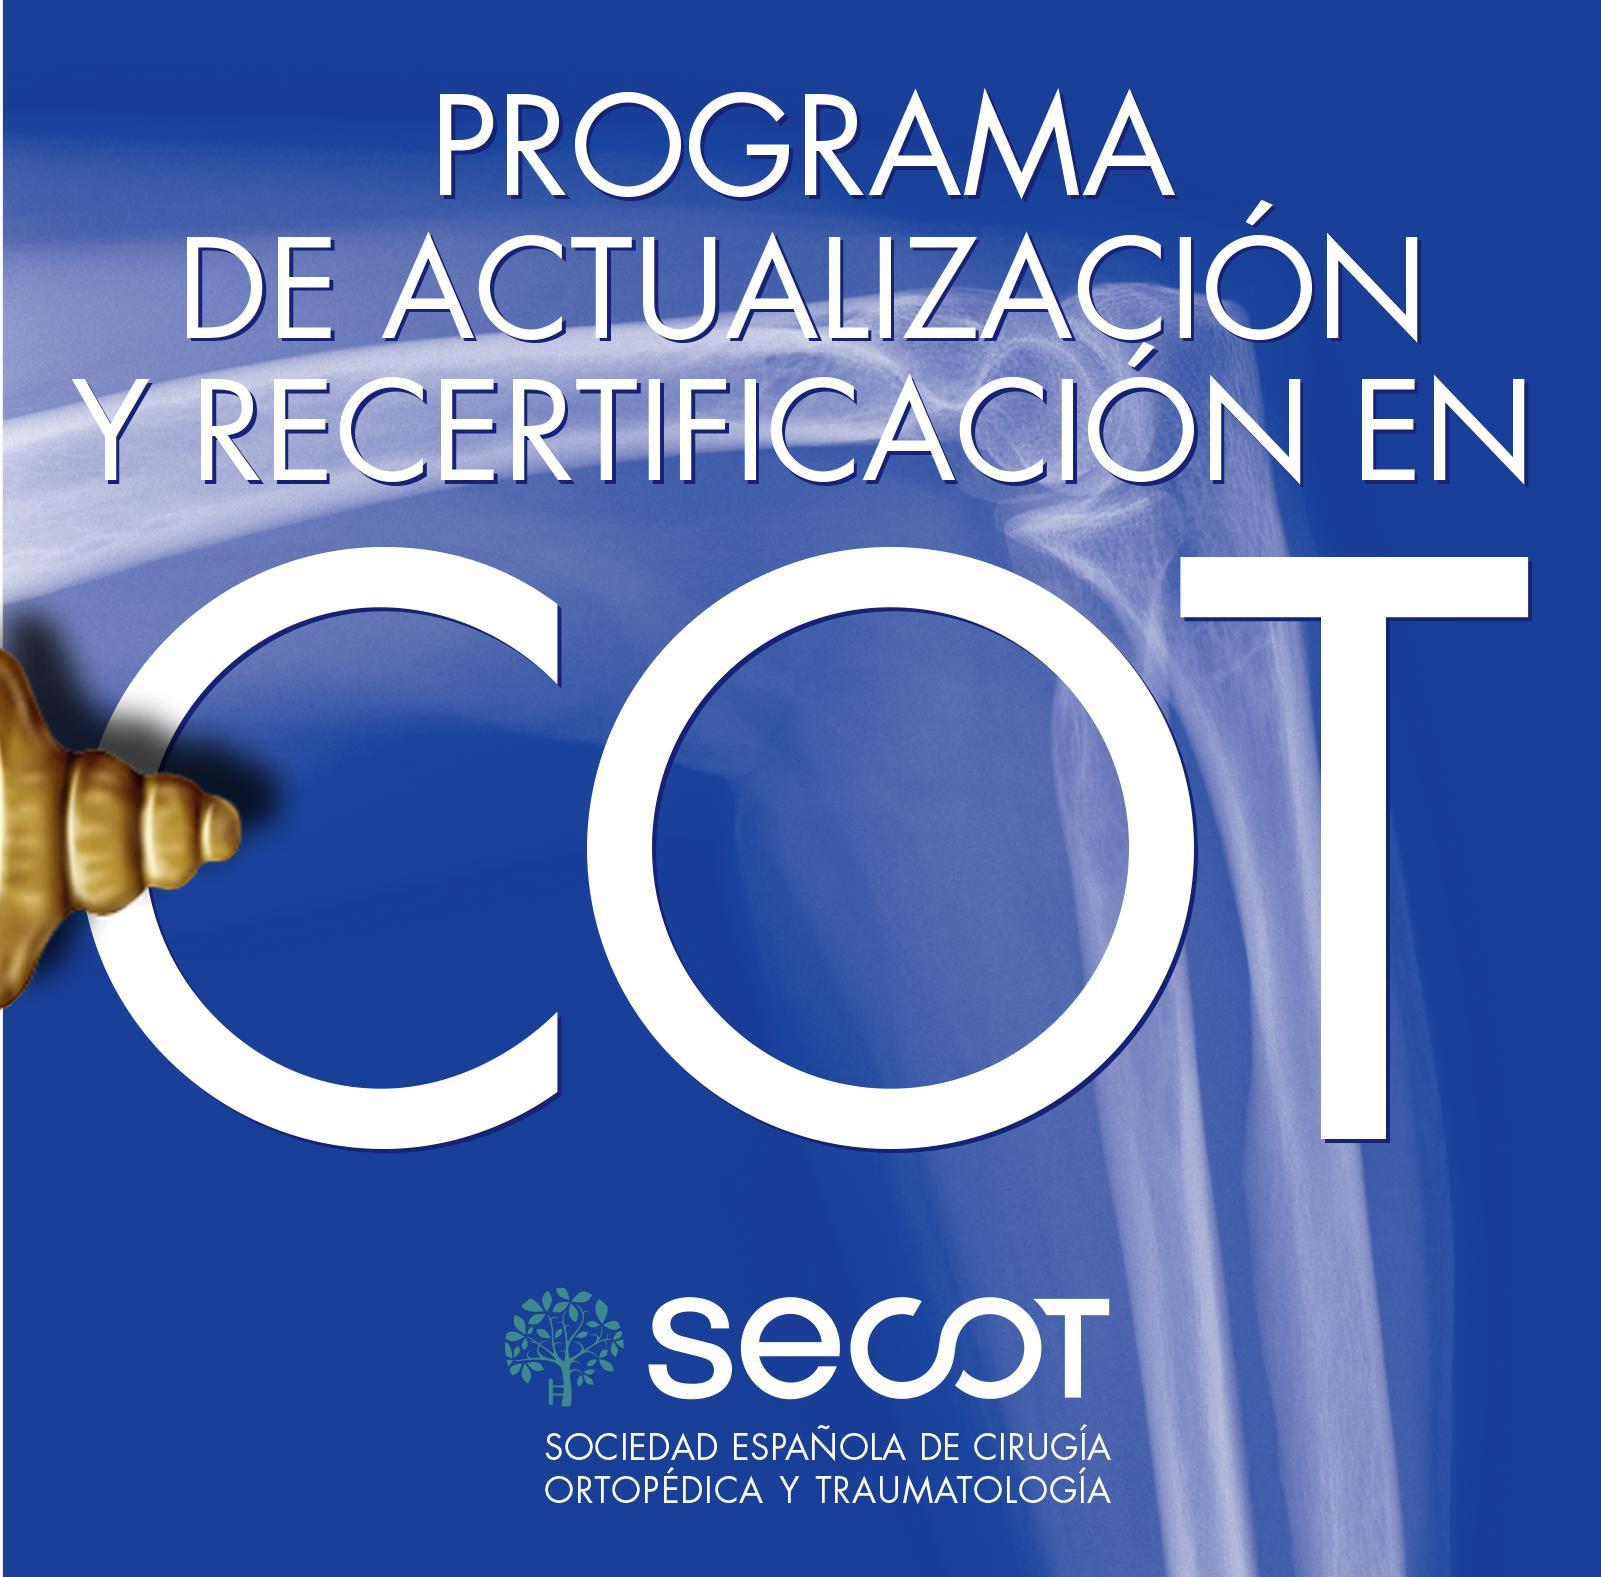 Programa de Actualización y Recertificación en Cirugía Ortopédica y Traumatología Secot 2017-2018.  Fecha límite inscripción reducida (30 Abril 2017)